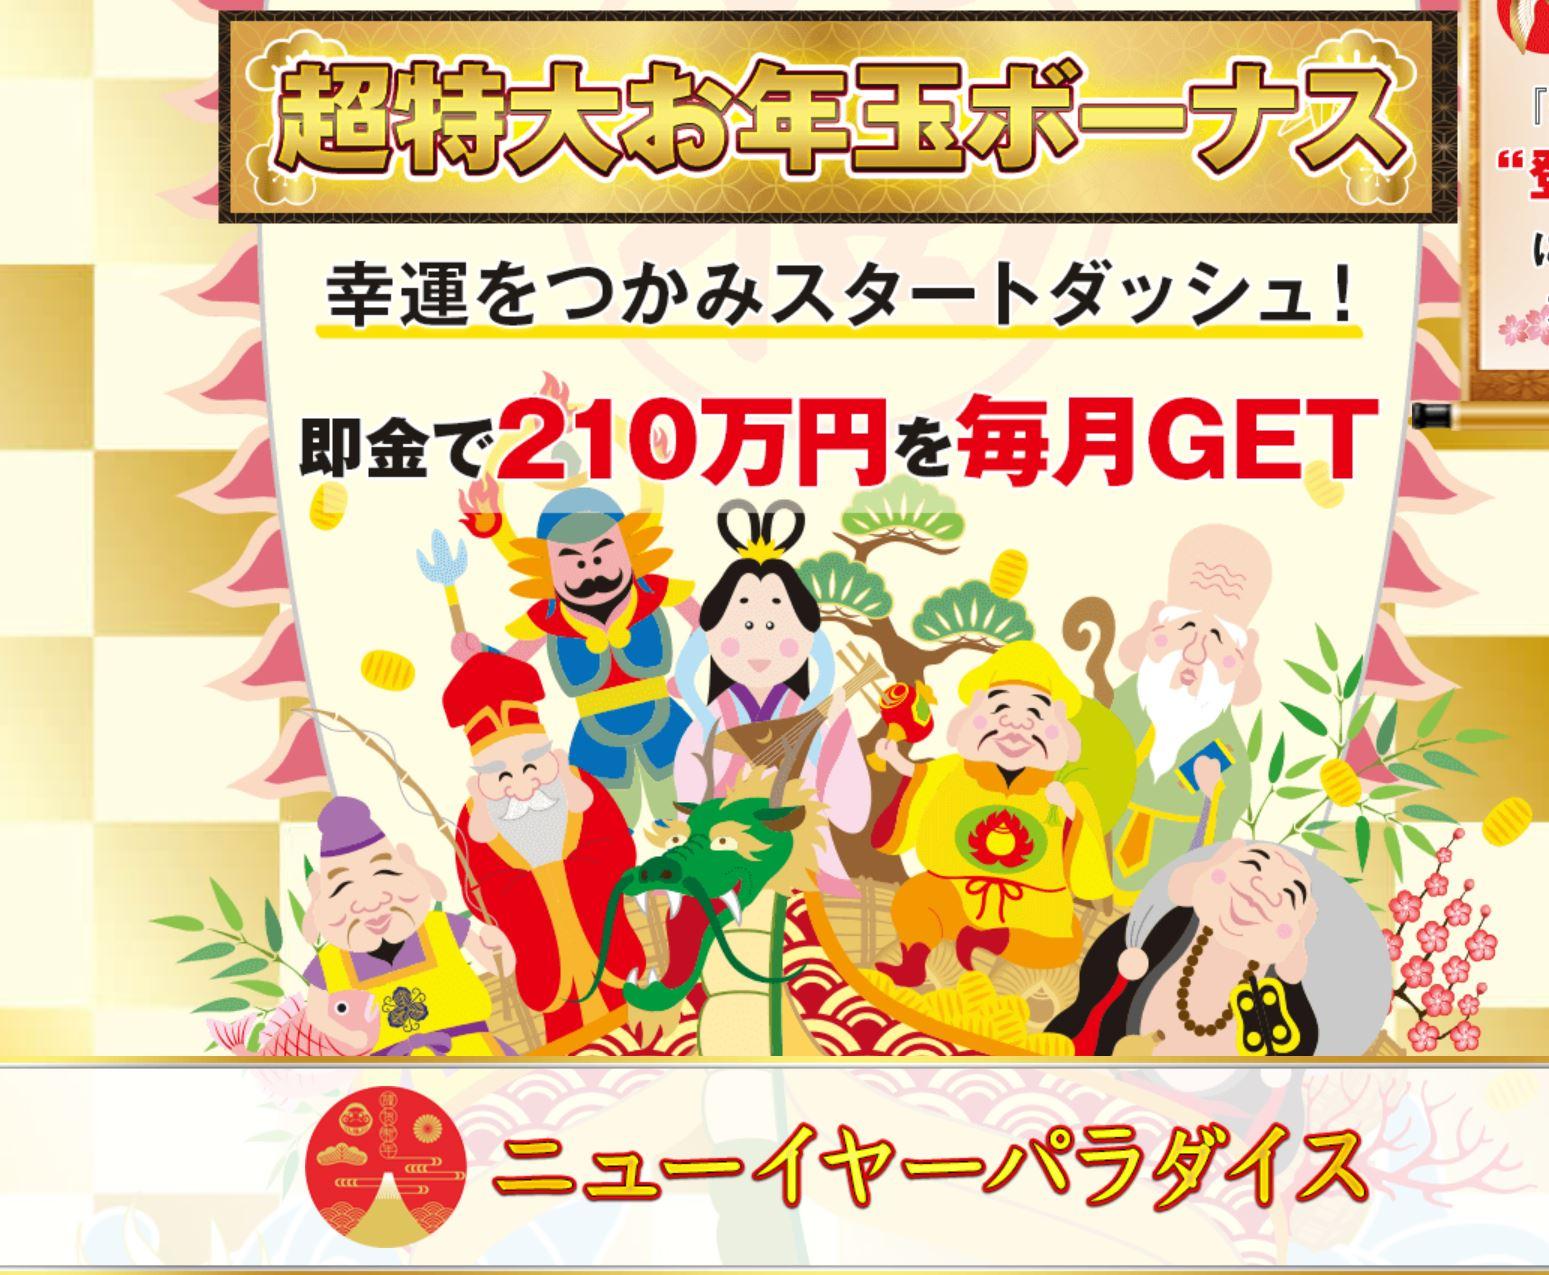 【稼げない】森川千春 ニューイヤーパラダイス 完全自動 毎月210万円